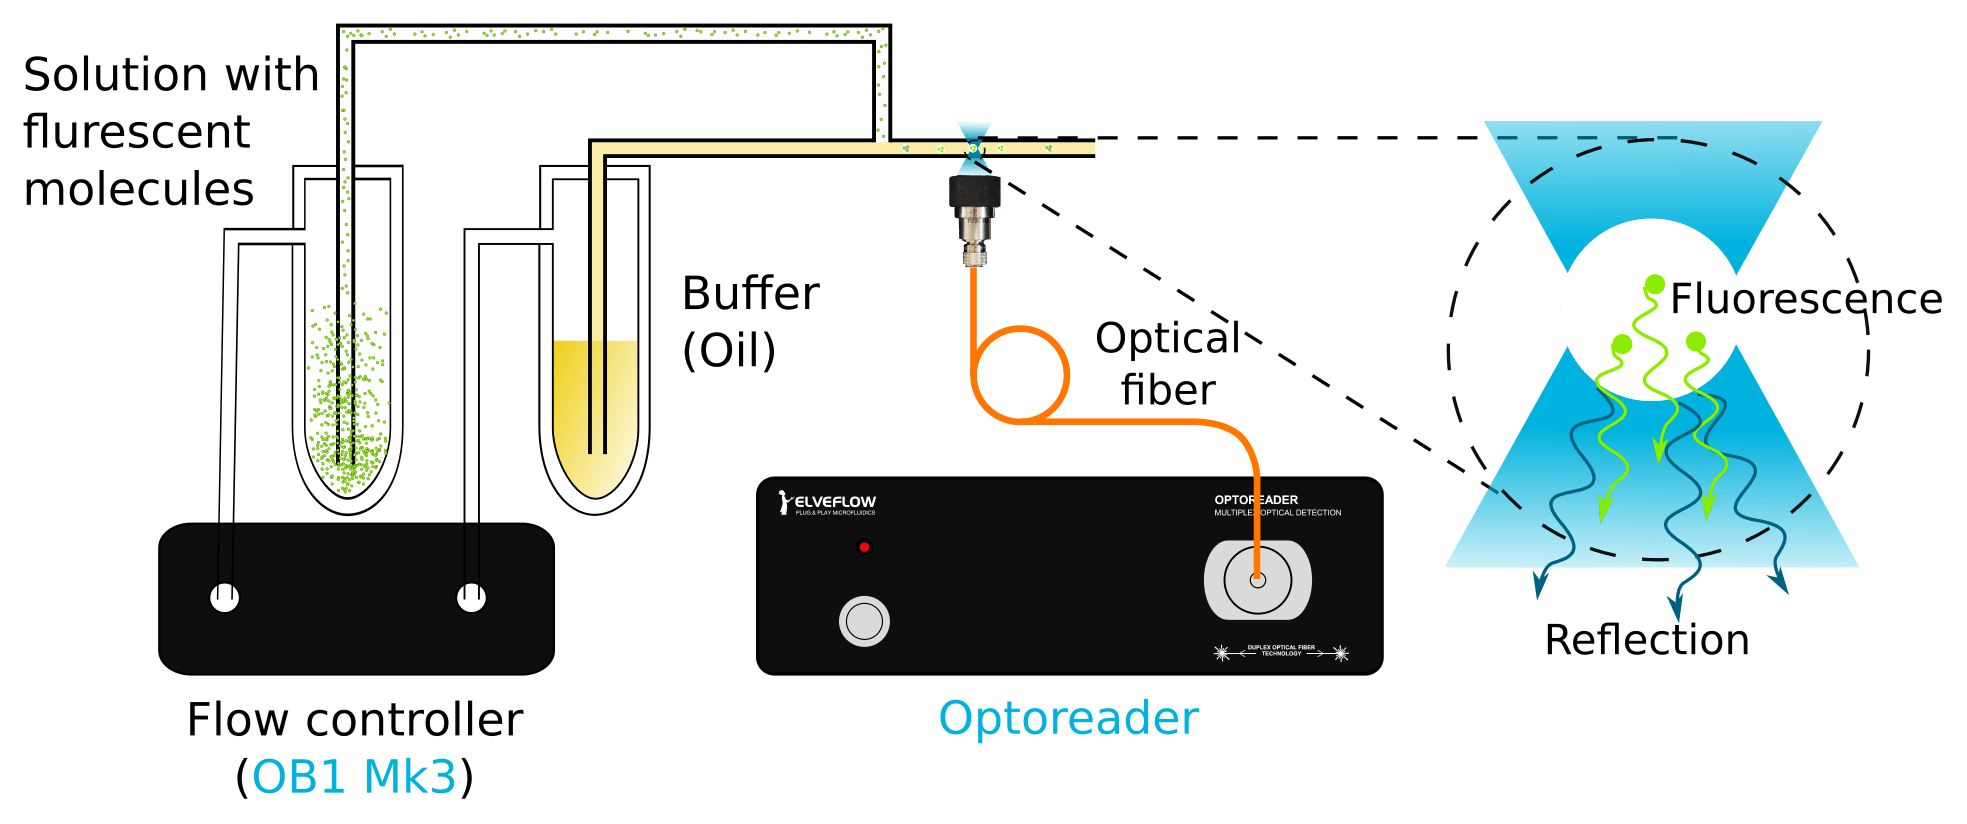 droplet generation fluorescence measurement optoreader Ob1